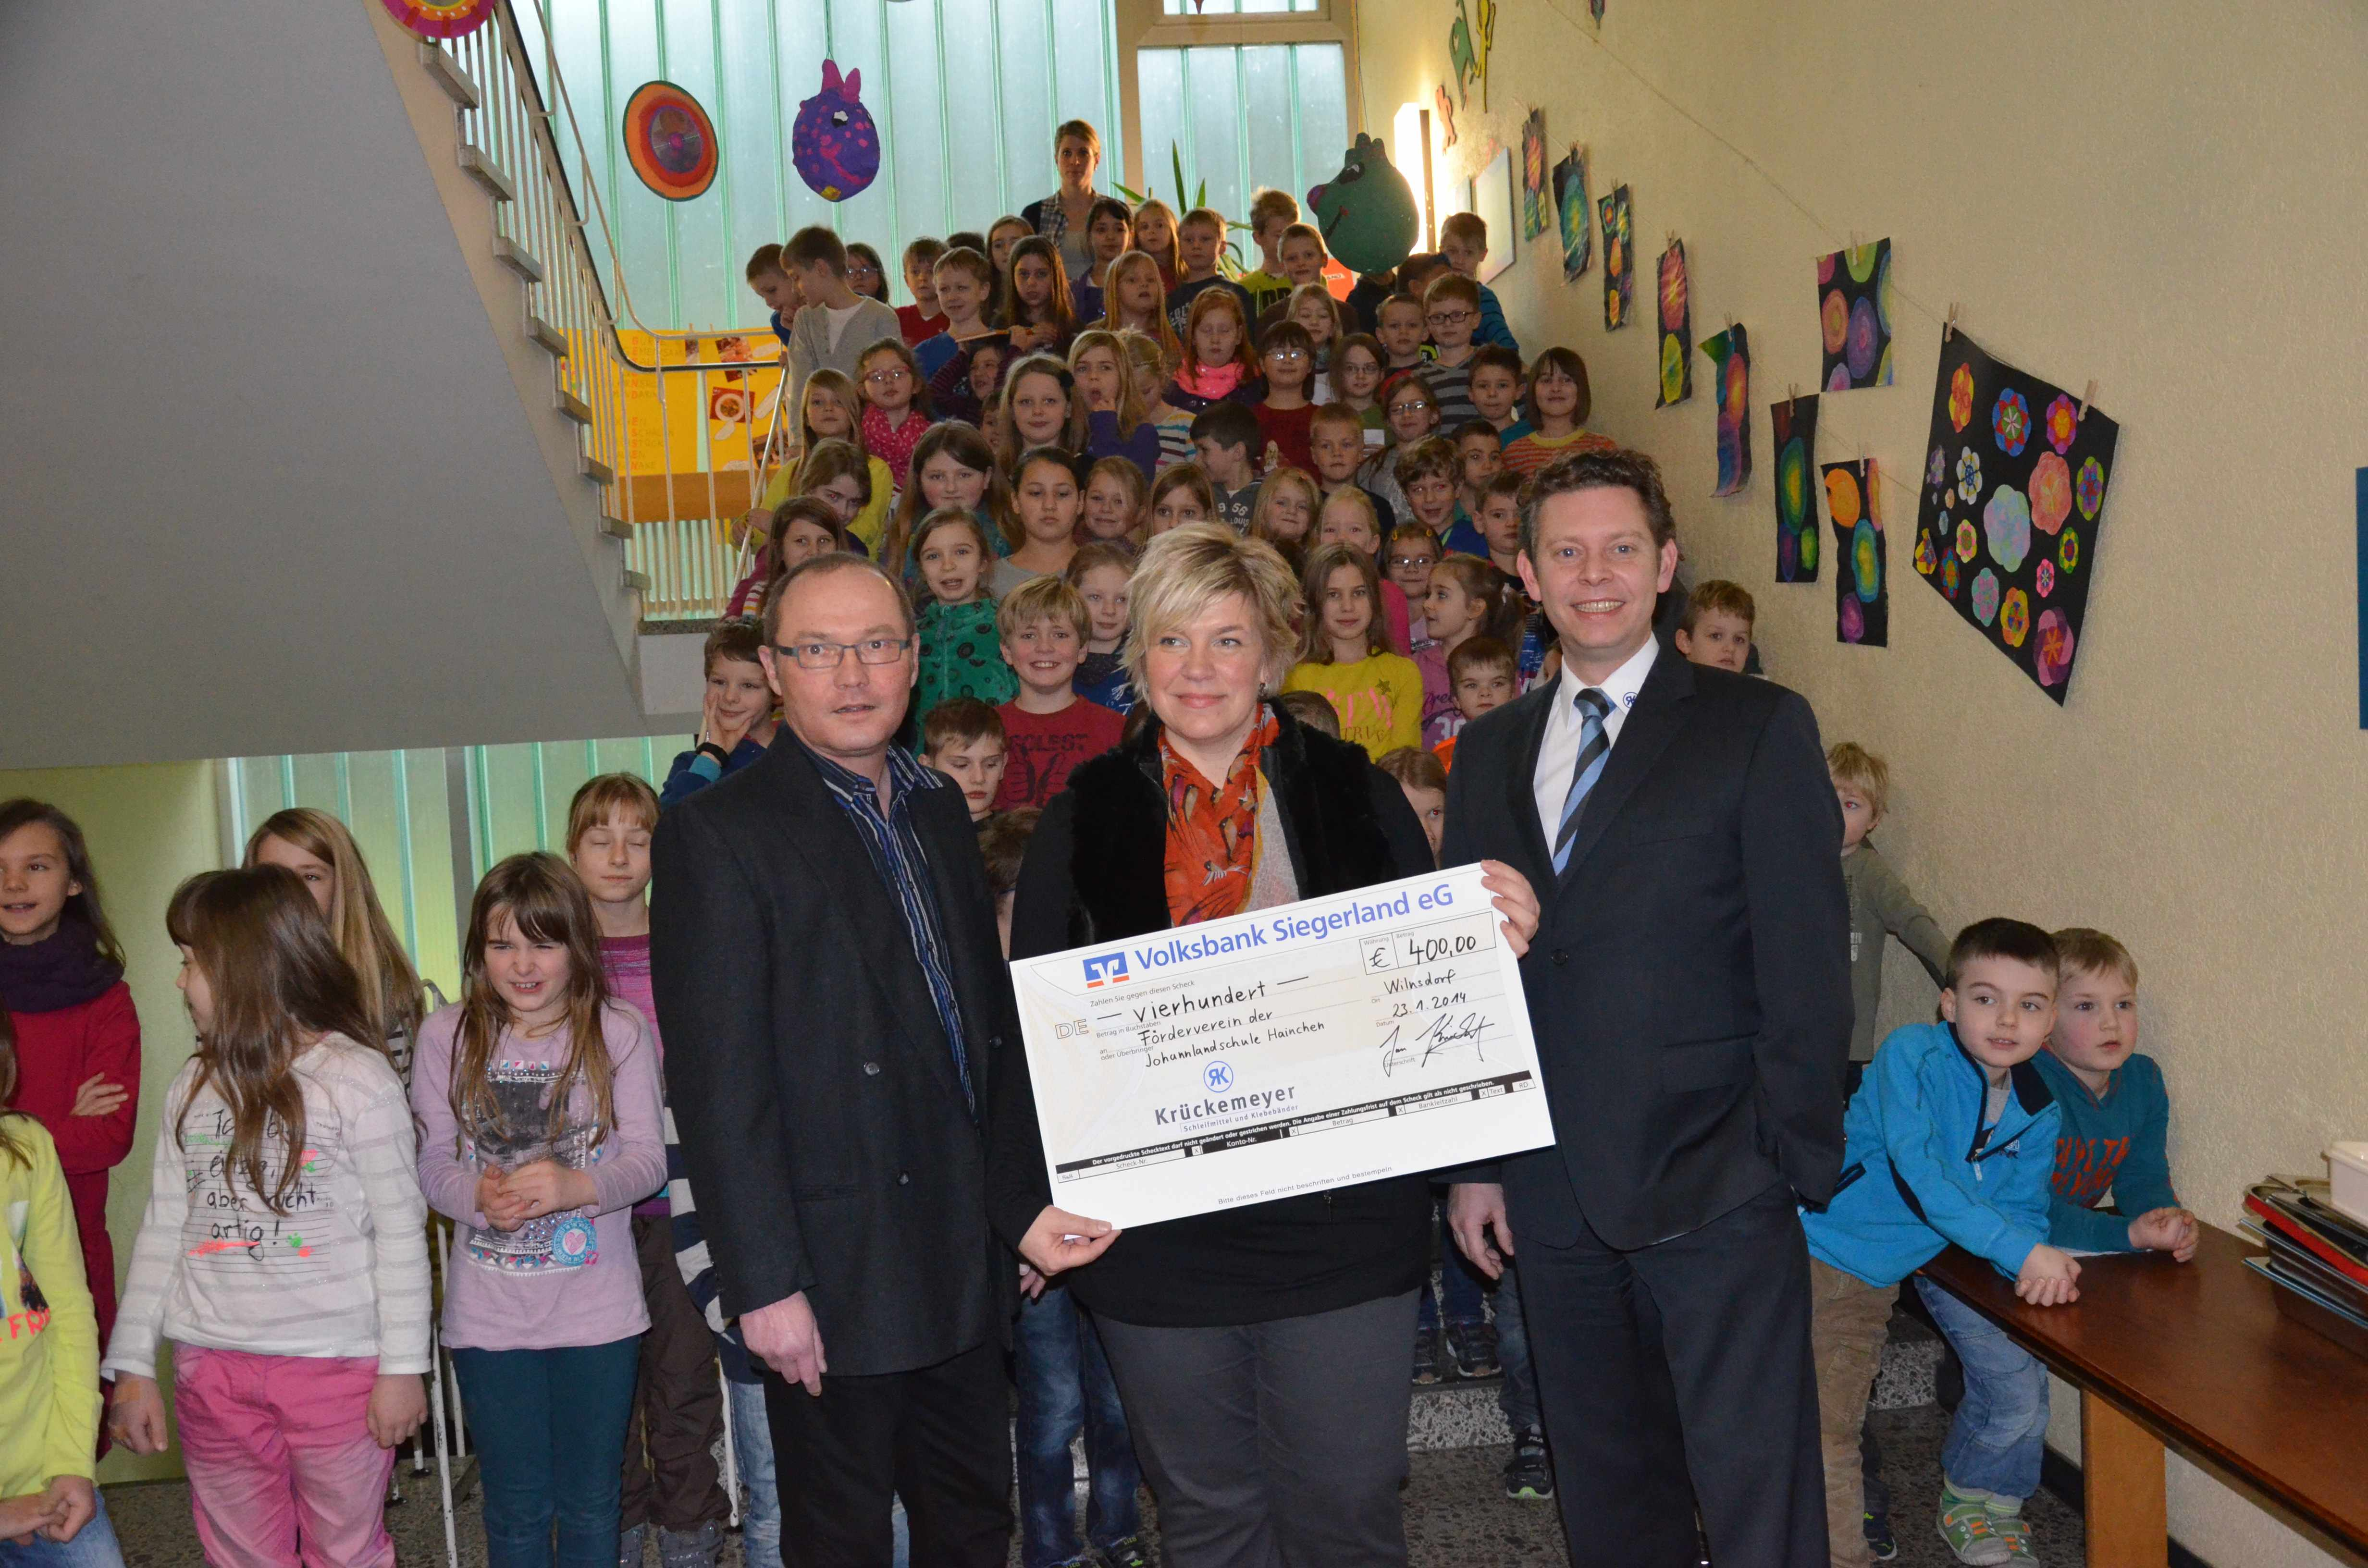 Glücksgriff für die Johannlandschule Hainchen – Firma Krückemeyer spendet 400 Euro aus Weihnachtstombola